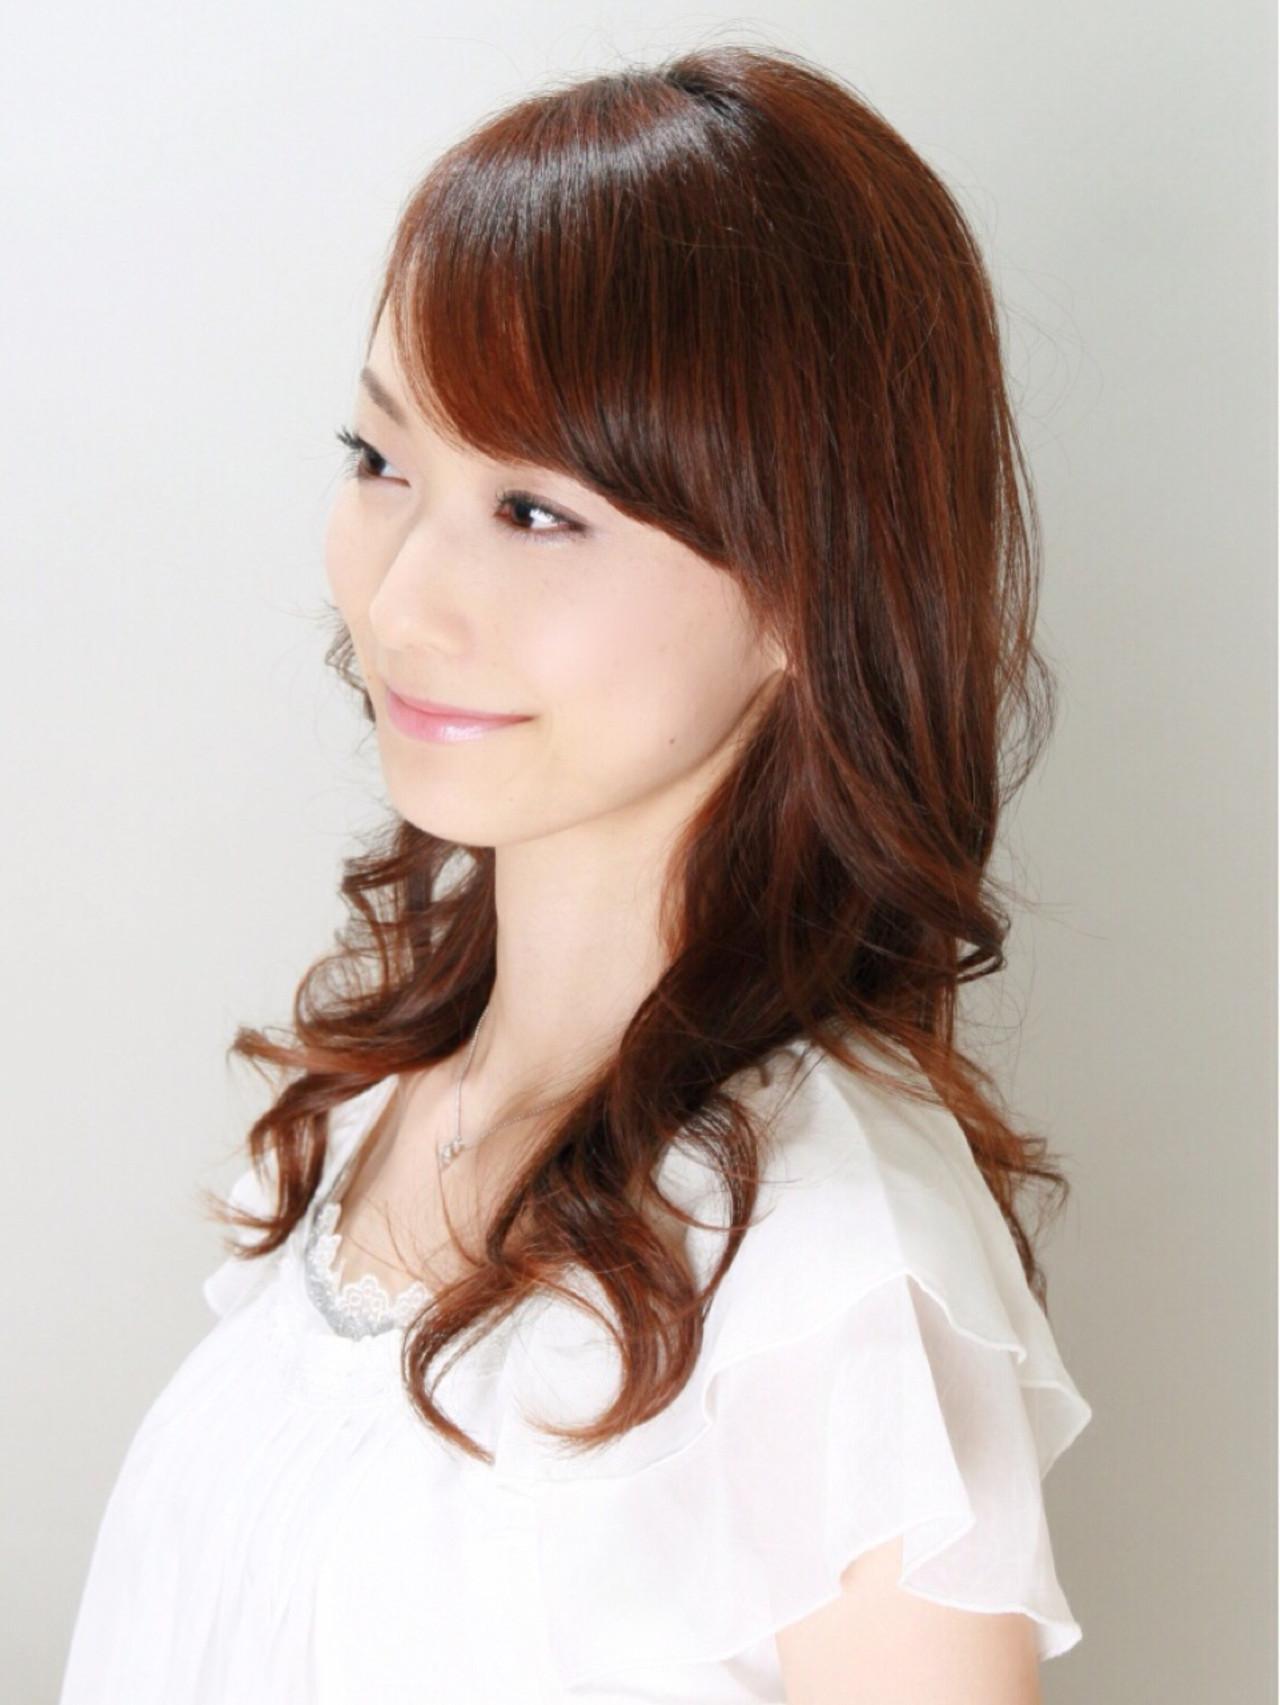 目指すはエラガントミセス♡毛先カールで豪華に 橋元 リョウイチ